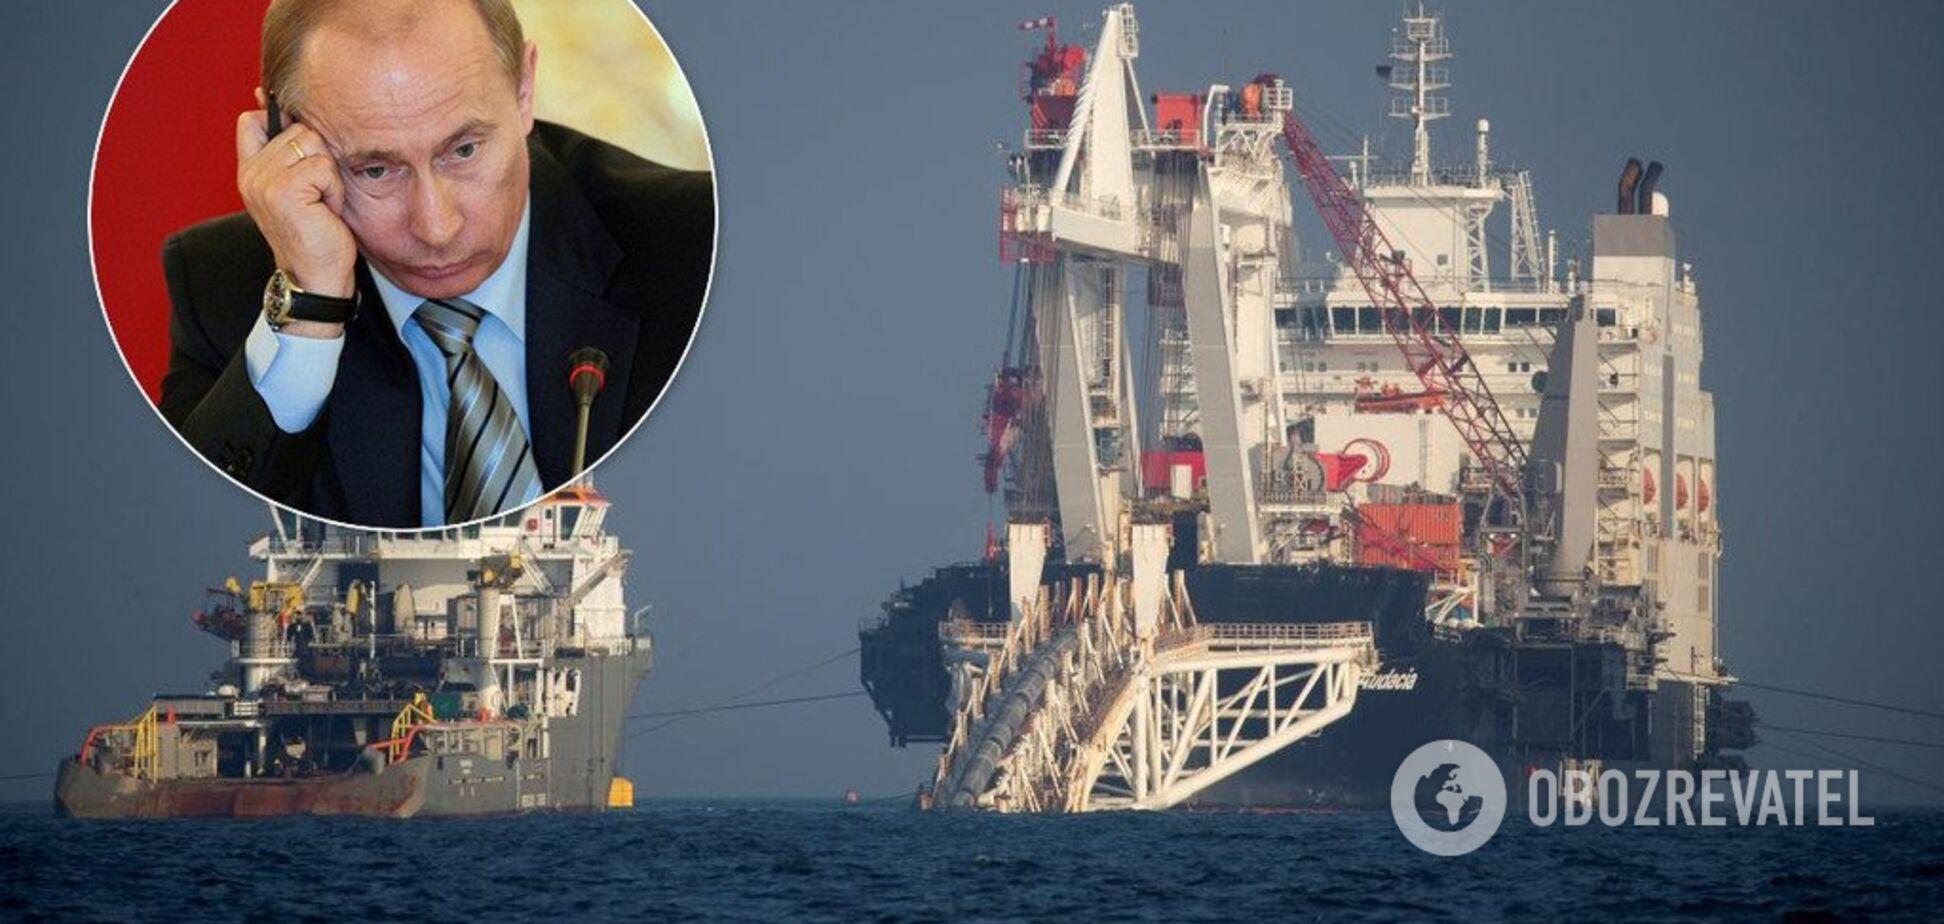 Удар по газопроводах Путіна: в США розкрили деталі